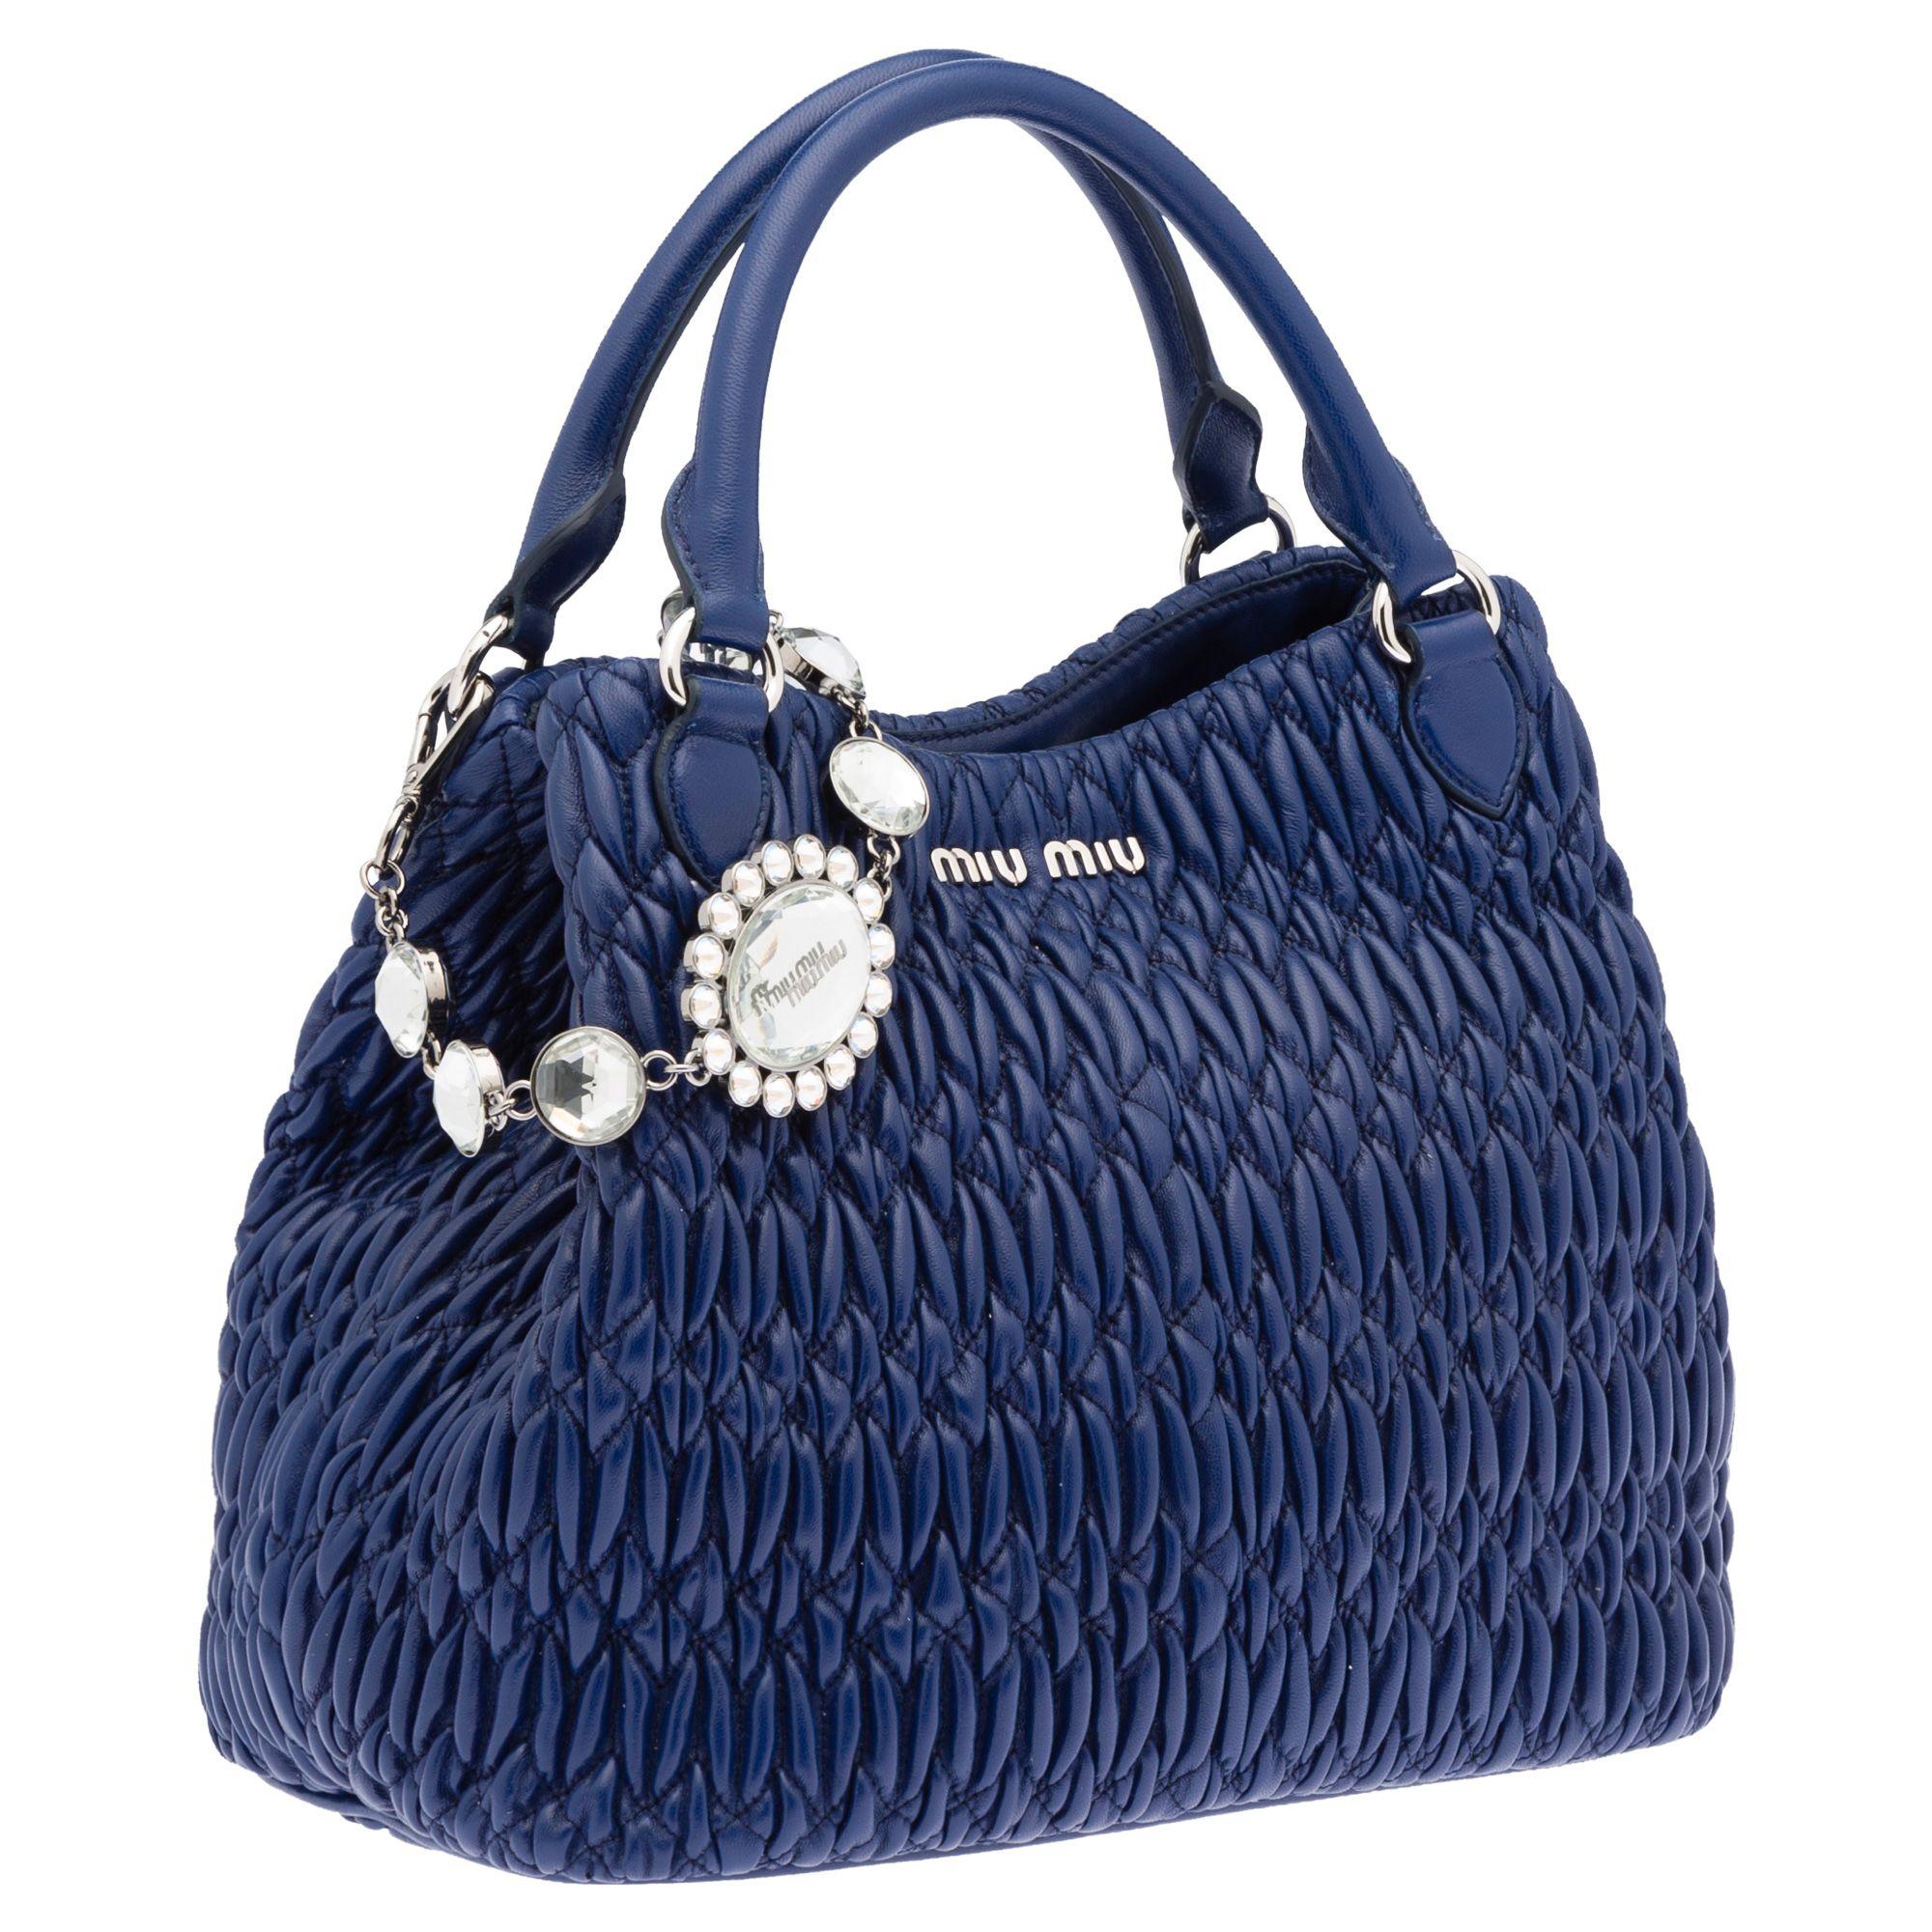 be23cd8e978 Zoom-bootstrap   Blue purses   bags   Pinterest   Miu miu, Blue ...